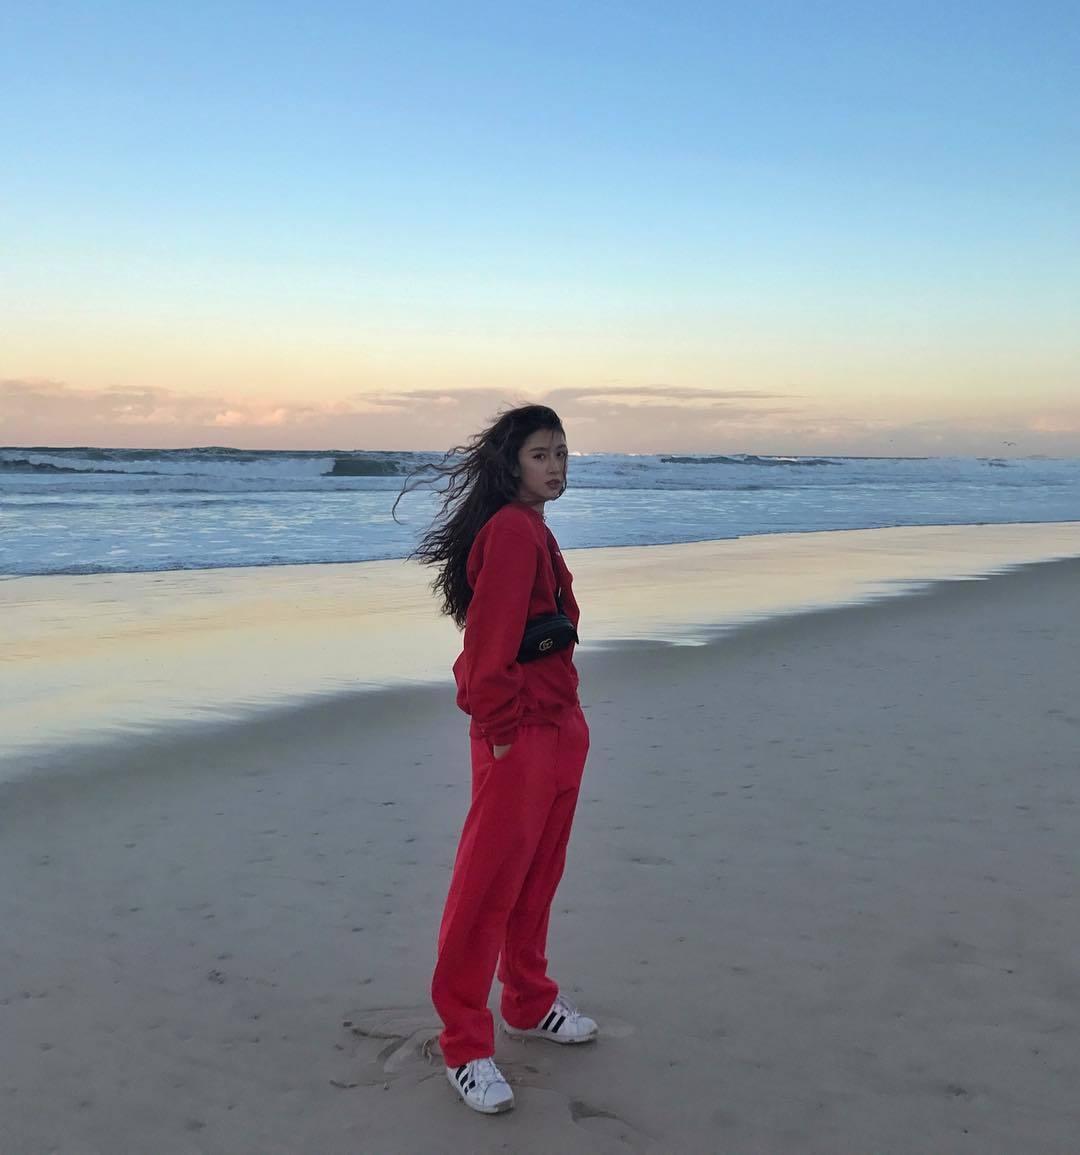 Học hot girl Quỳnh Anh Shyn kỹ năng phối màu trang phục đẹp thần sầu - Hình 9